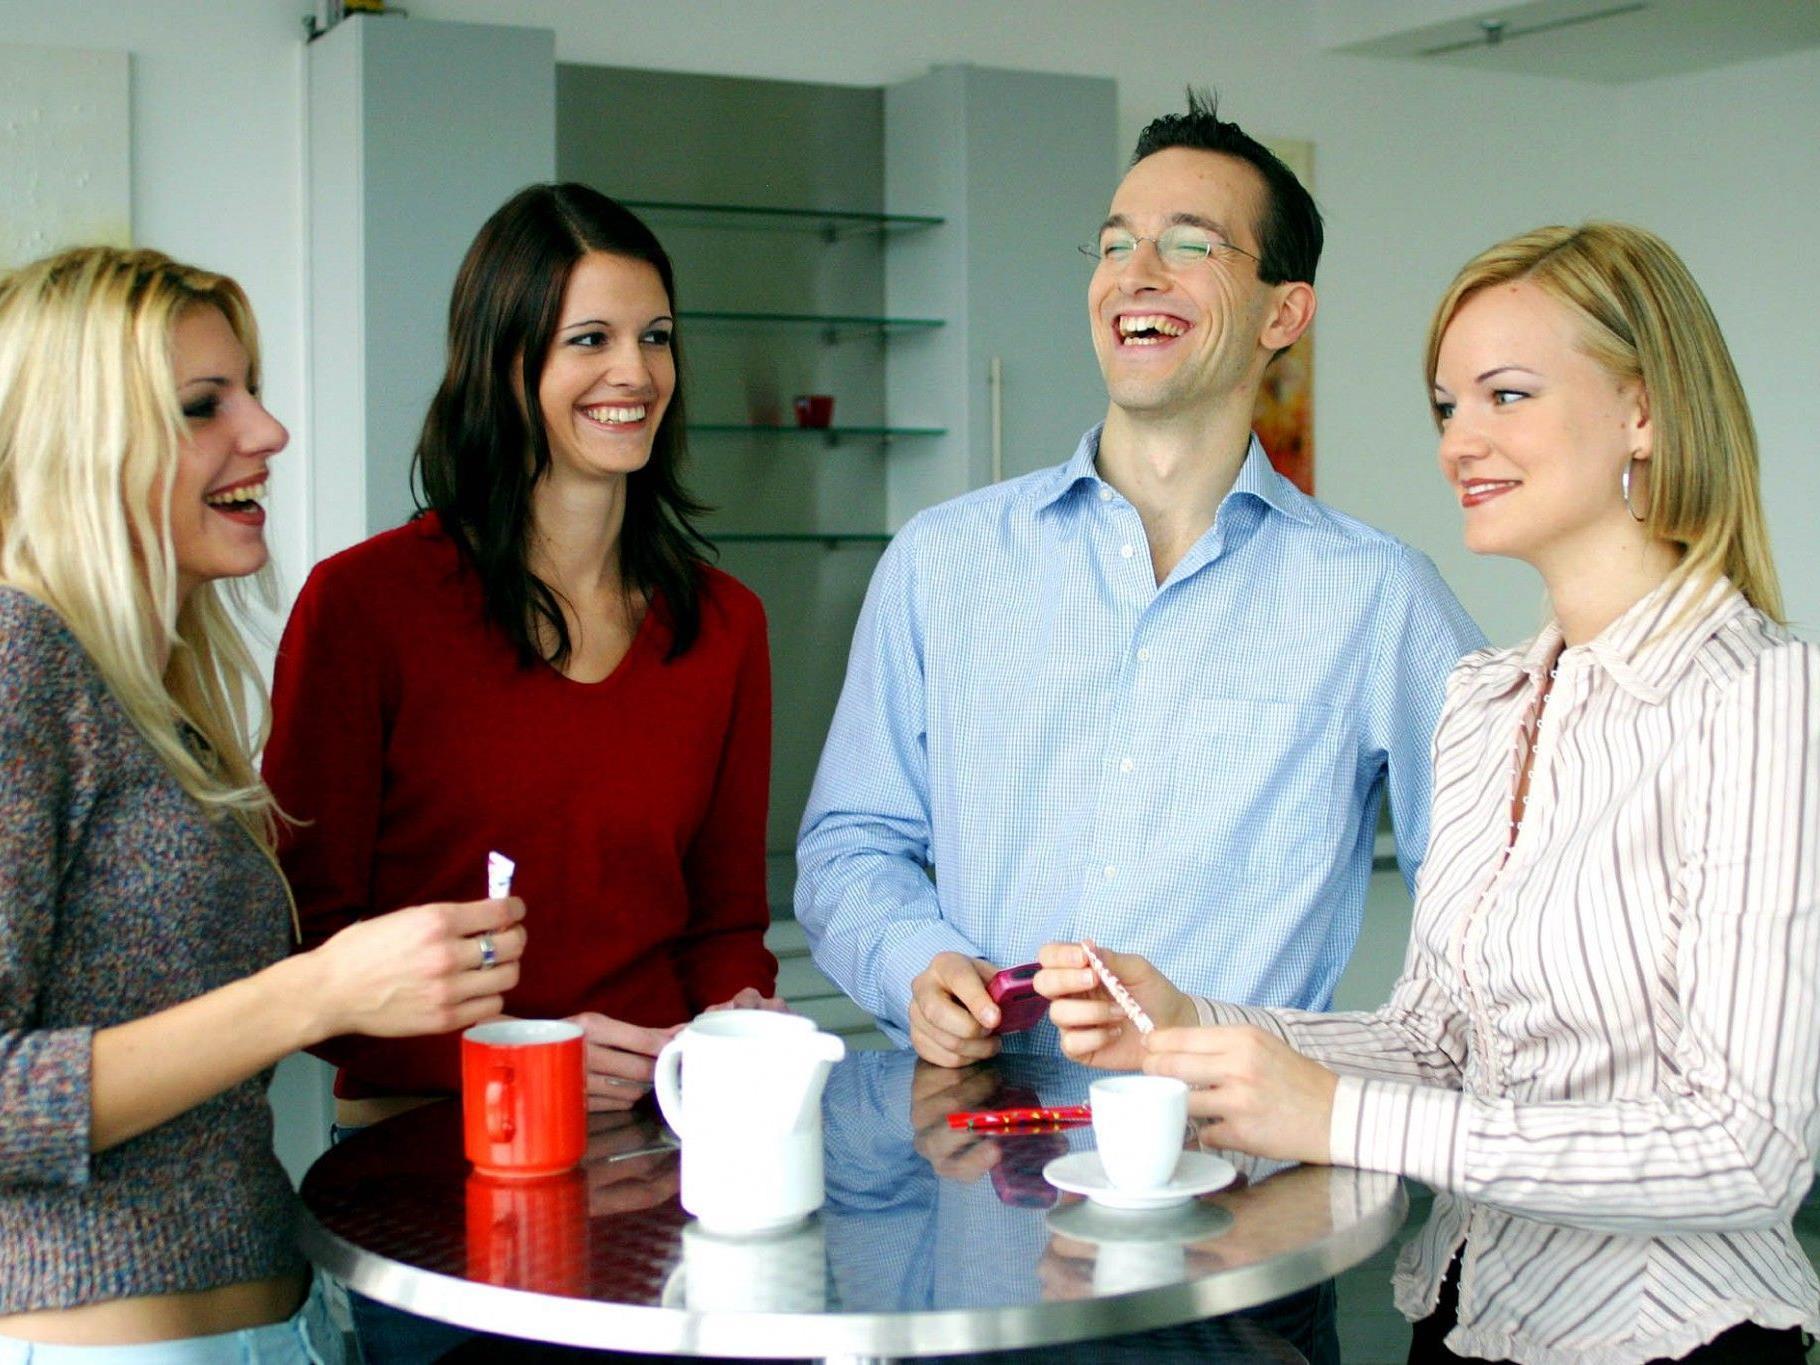 Der Tratsch in der Kaffeepause: So viel Zeit muss sein, meint der Experte